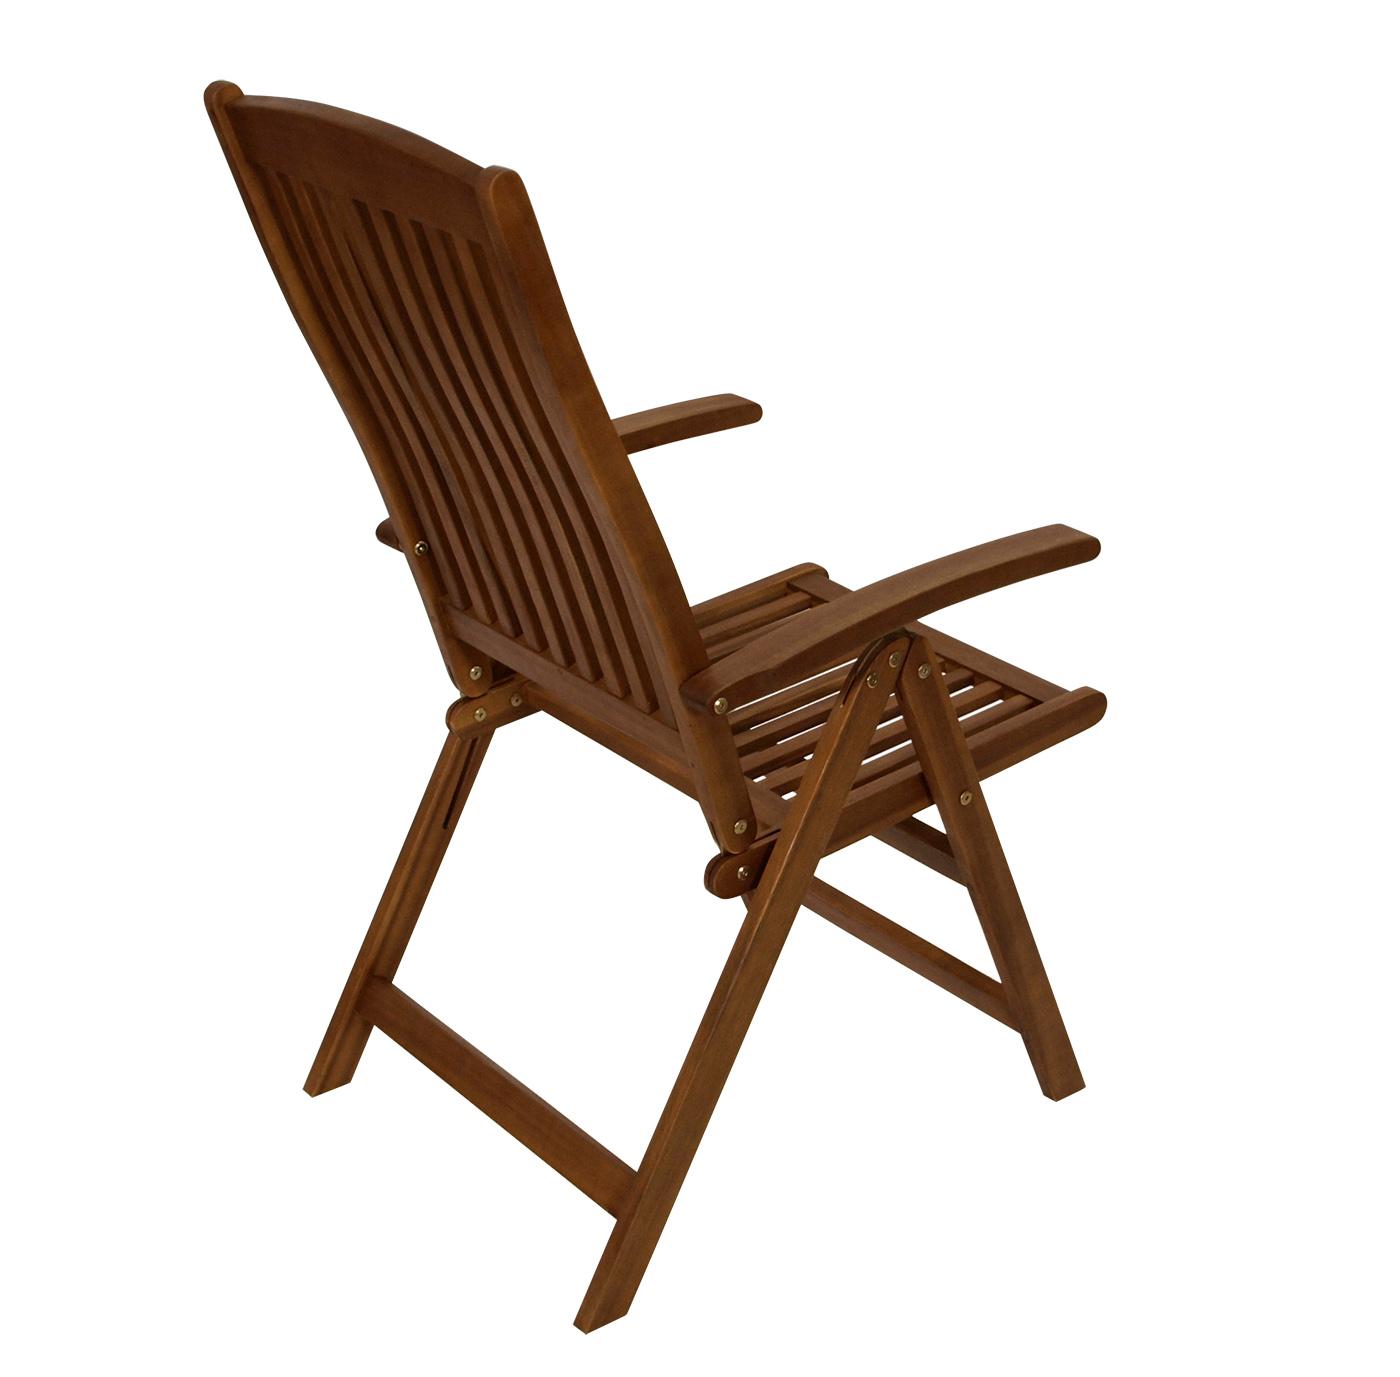 gartensessel klappsessel hochlehner gartenm bel sessel klappstuhl maracana holz ebay. Black Bedroom Furniture Sets. Home Design Ideas